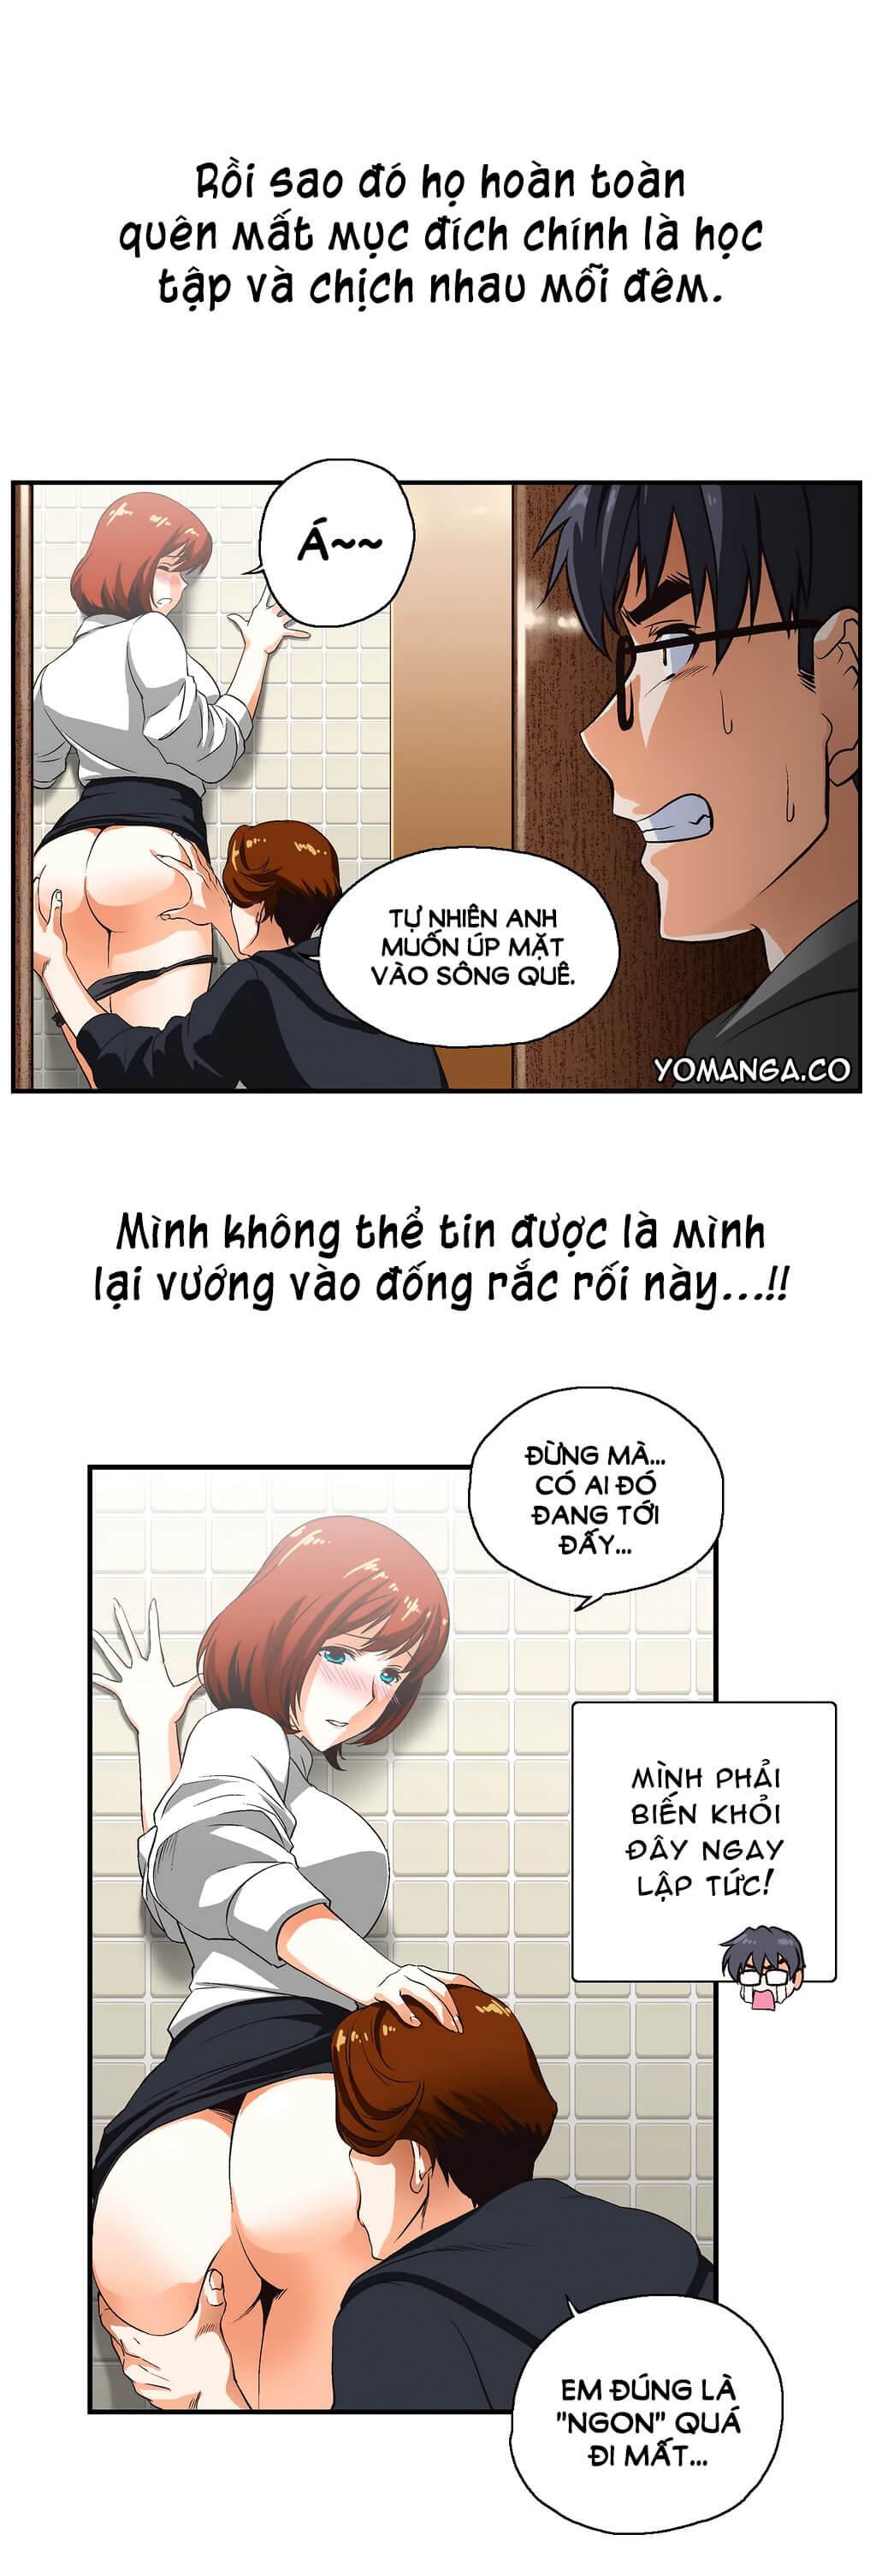 Hình ảnh HINH_00004 in Dàn Harem Của Thằng main Bựa